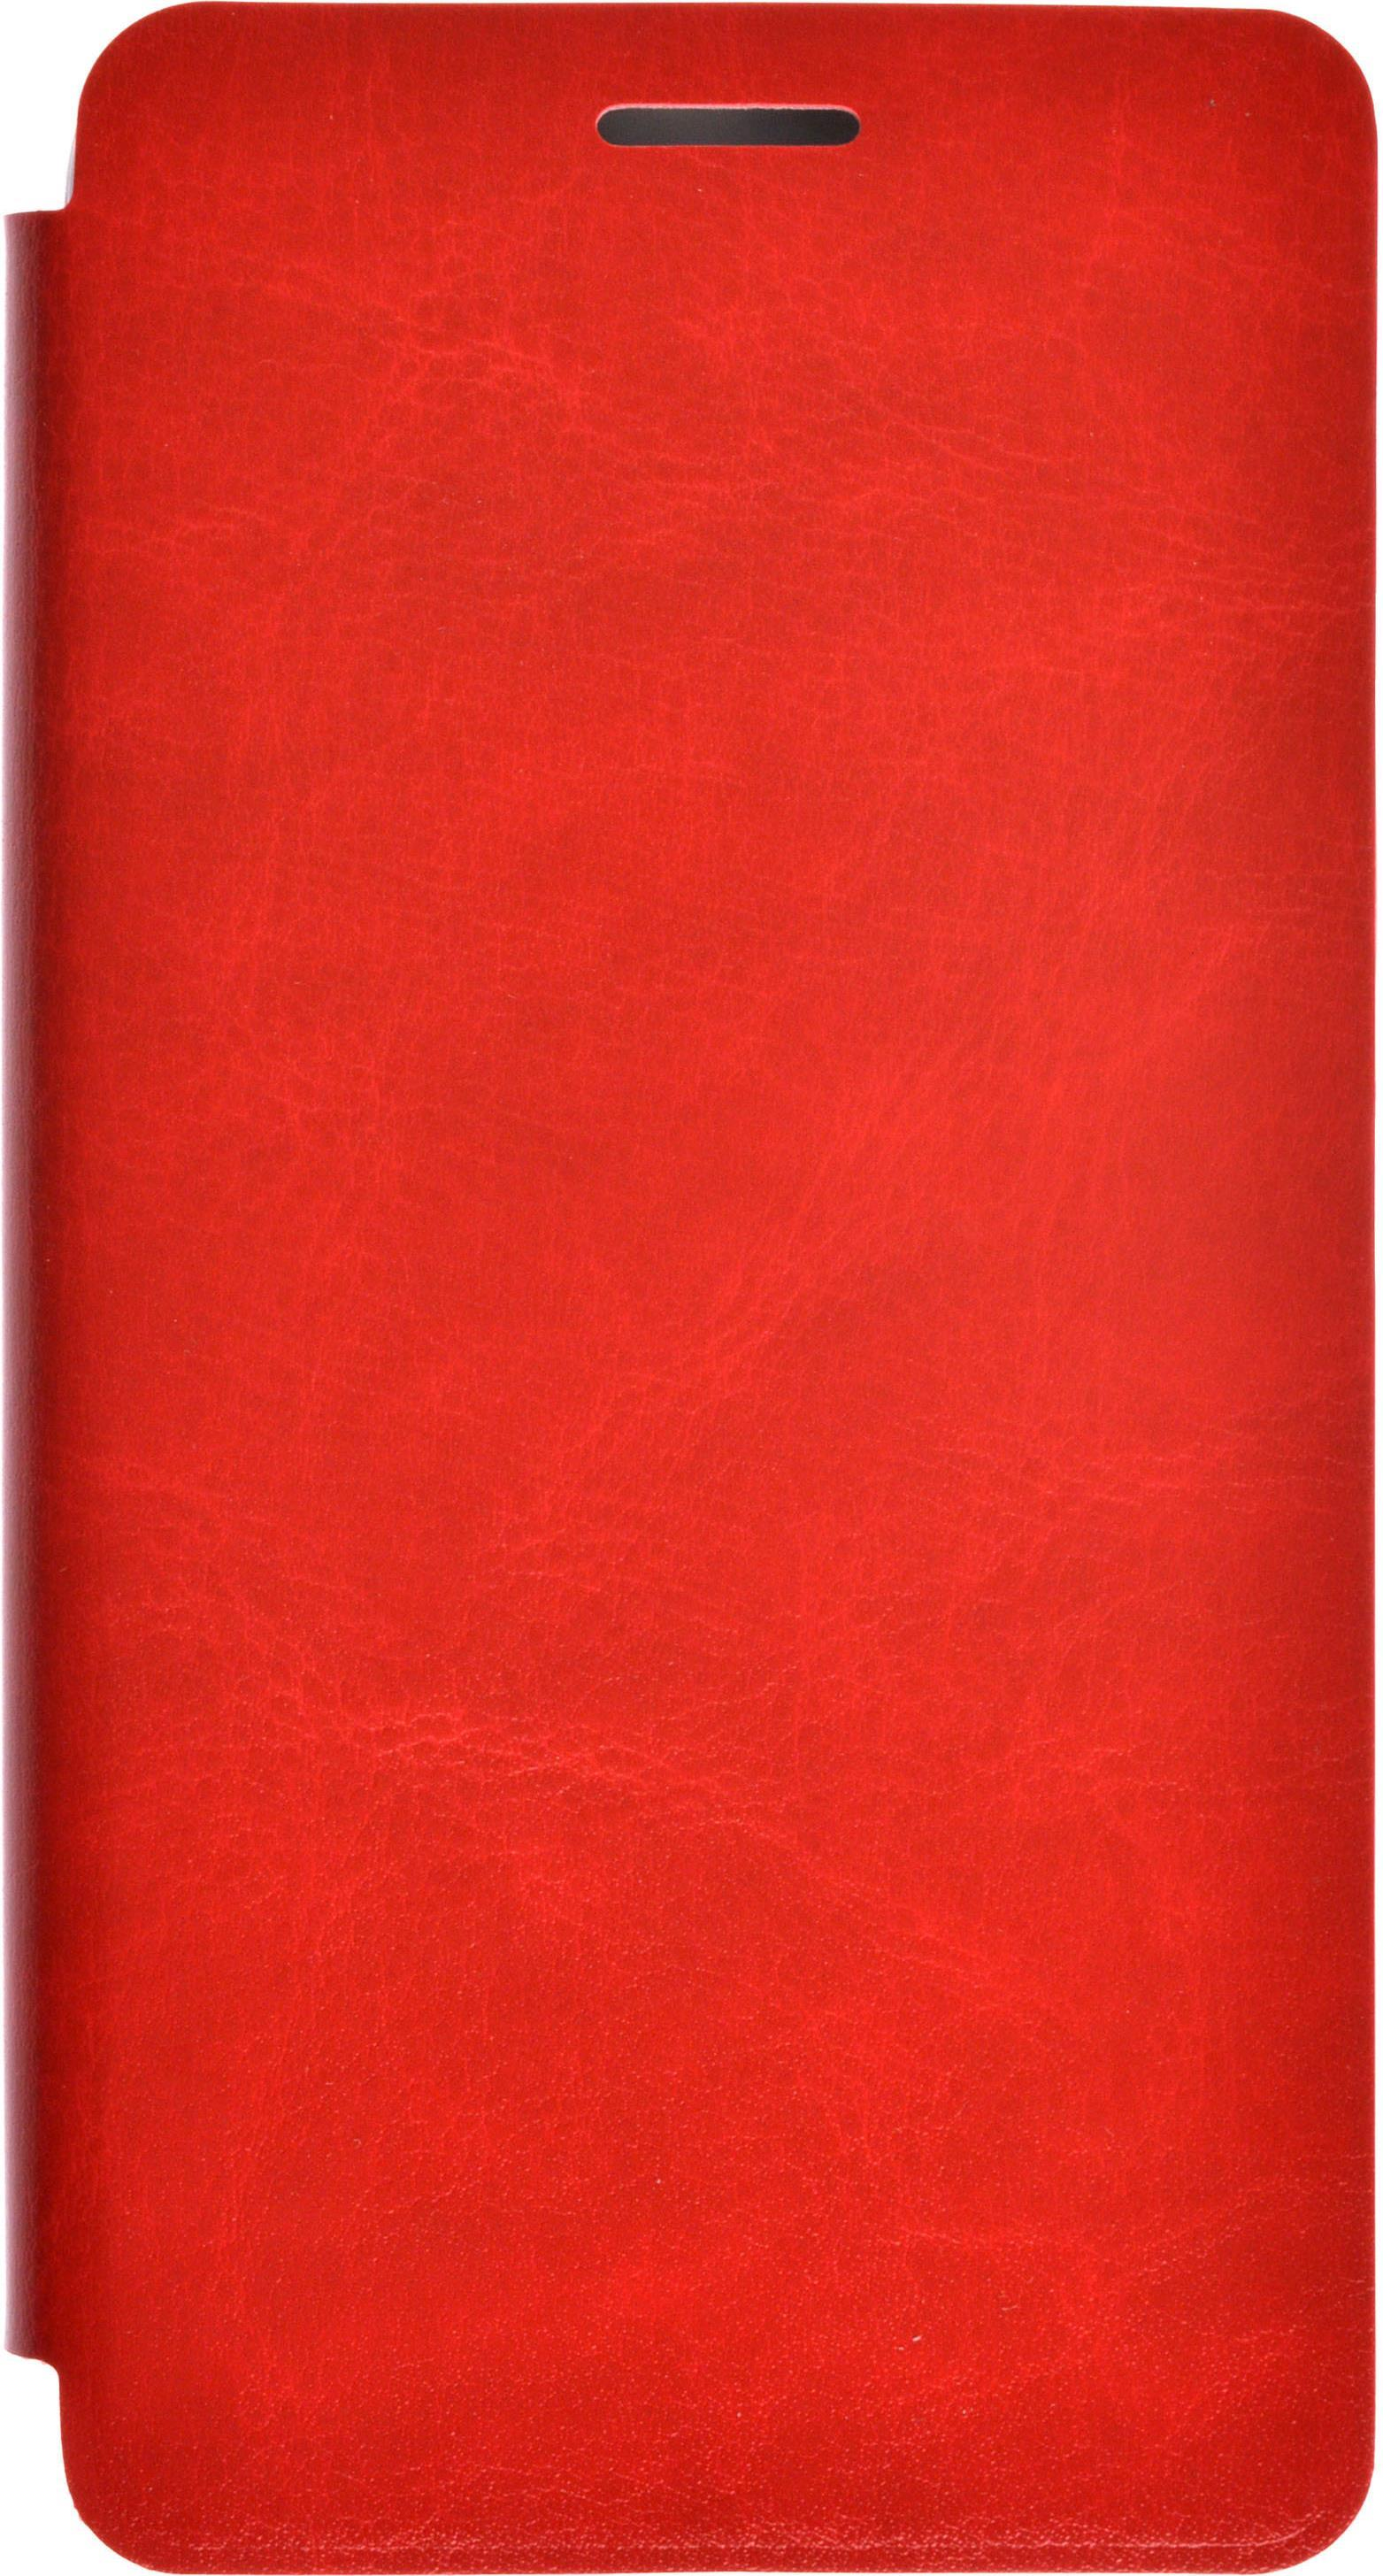 Чехол для сотового телефона skinBOX Lux, 4660041407082, красный